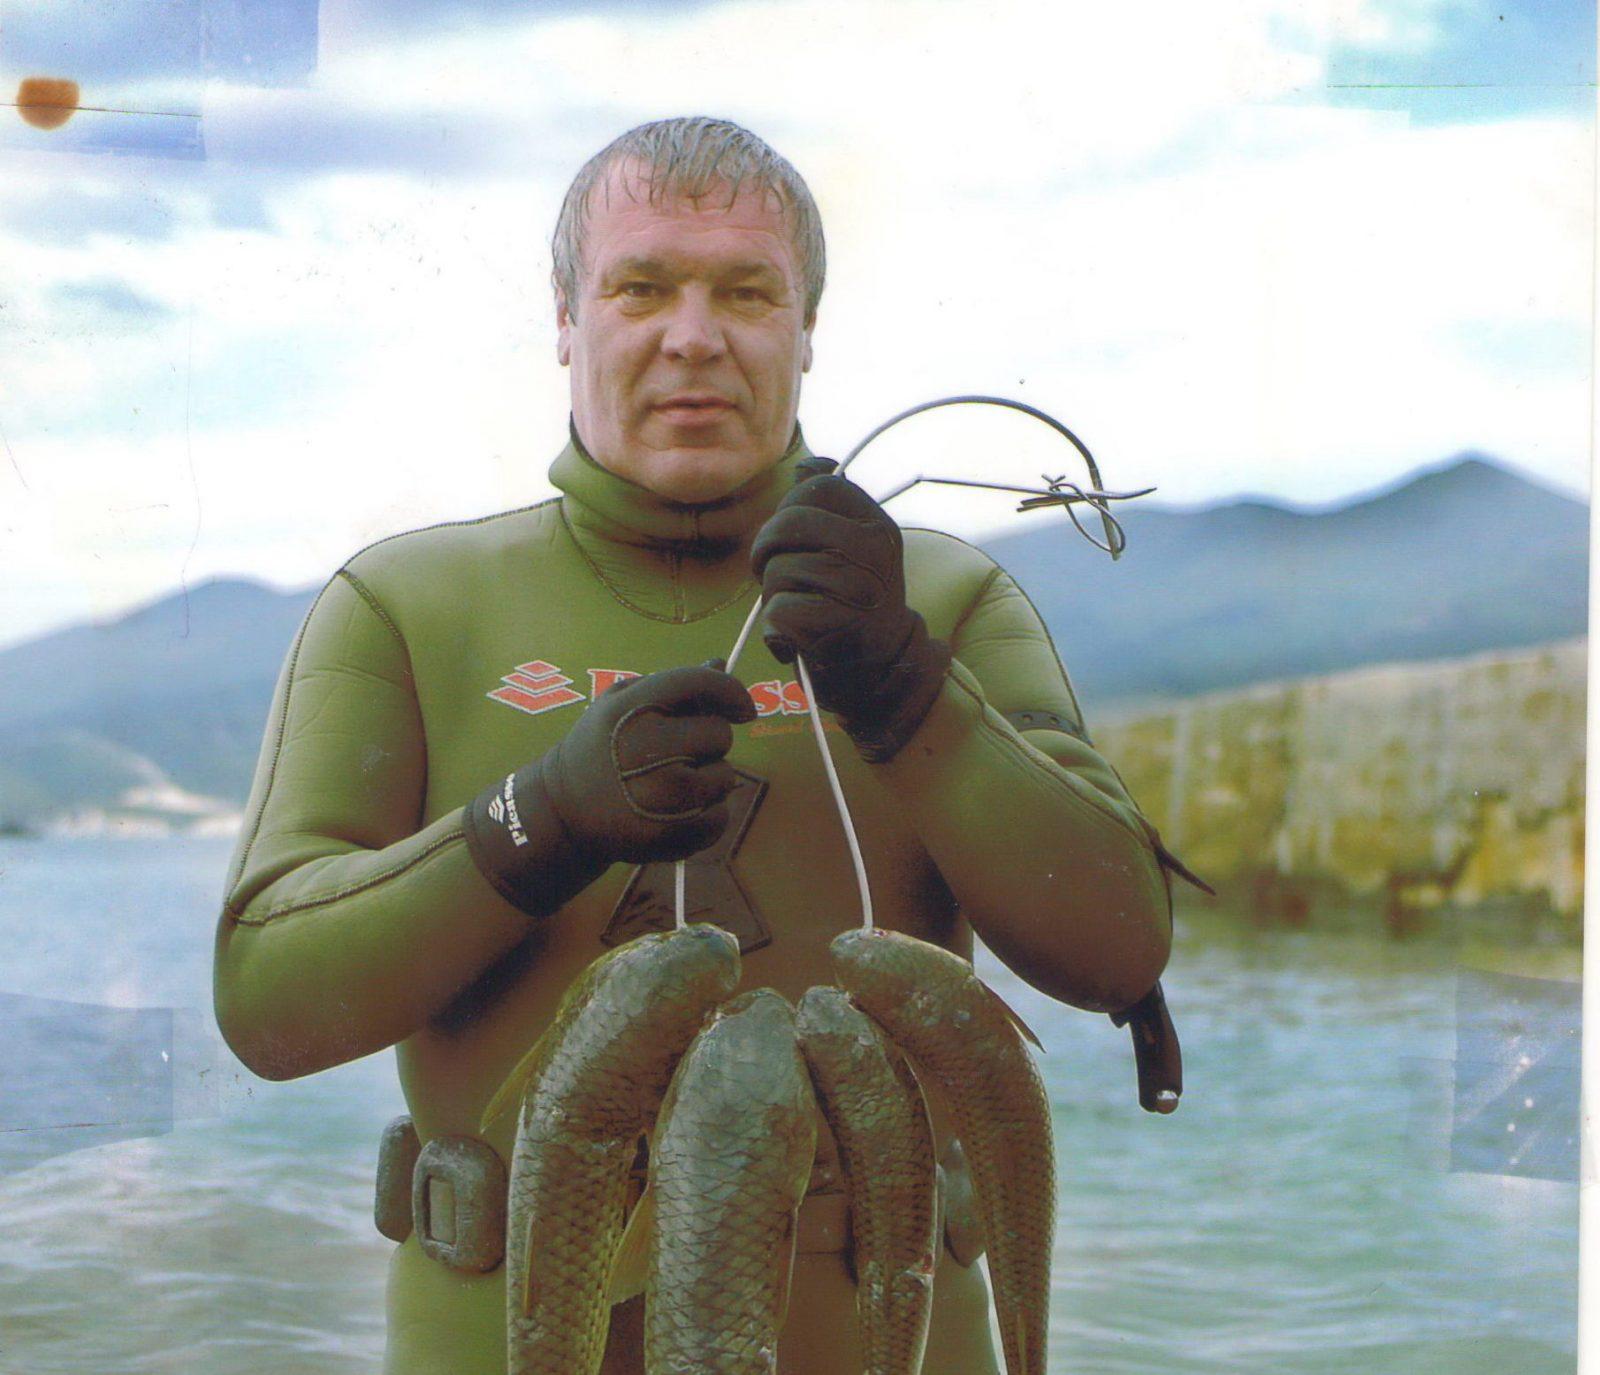 Рыбак-из-Новороссийска-Алексей-Гришин-победил-в-первом-российском-чемпионате-по-…